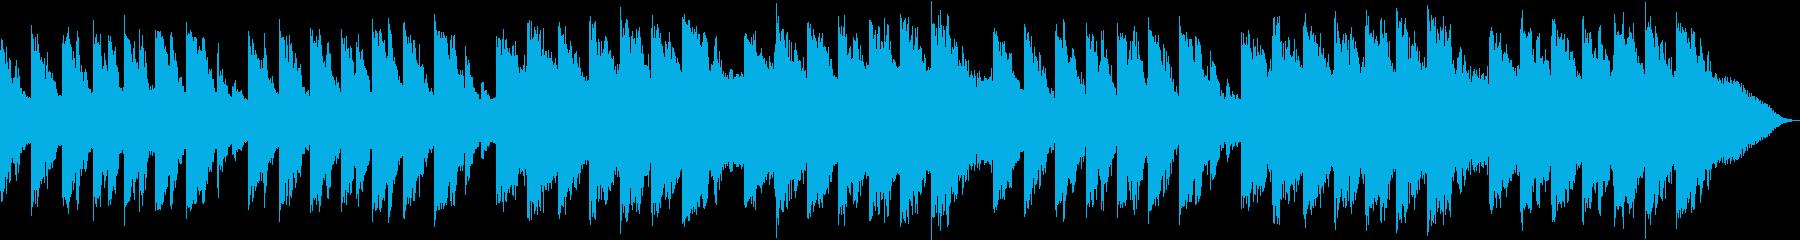 優しい音楽と滝の滴る音の再生済みの波形